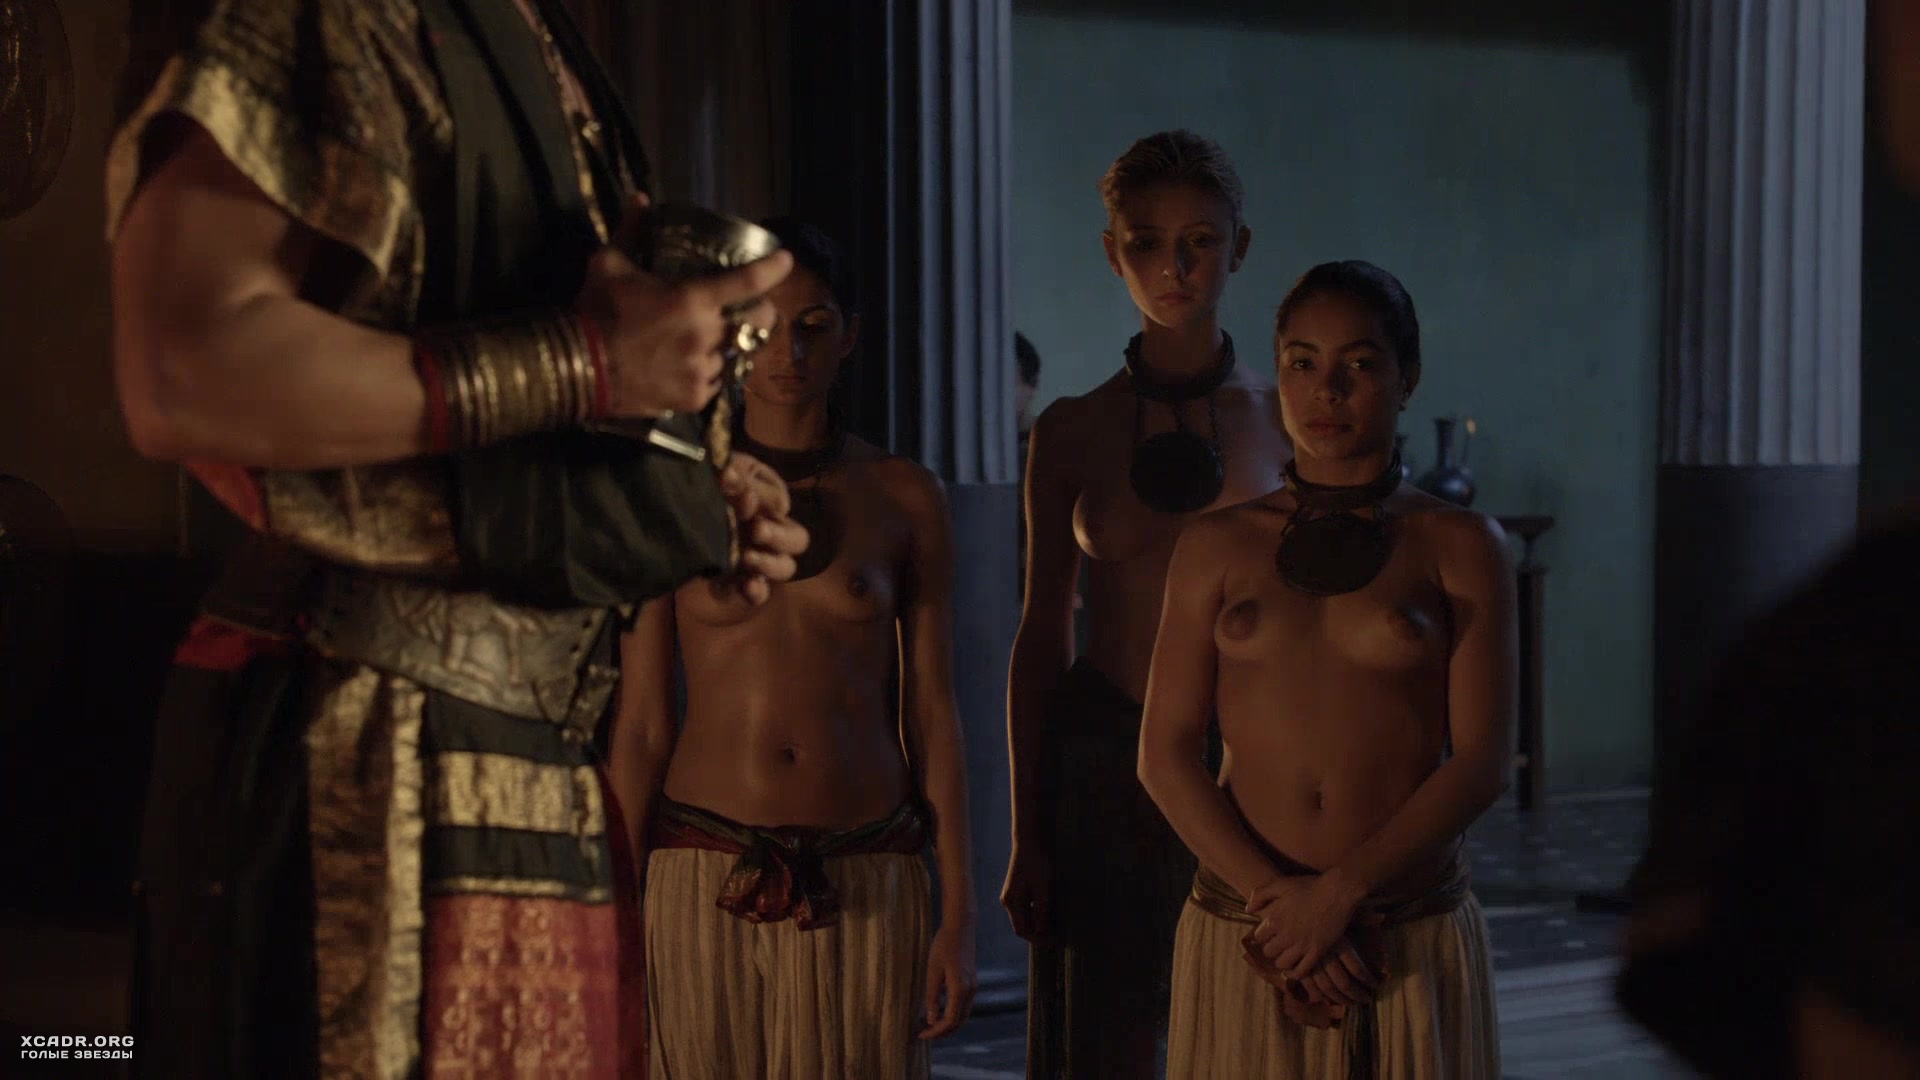 фильм эротика спартак тамара